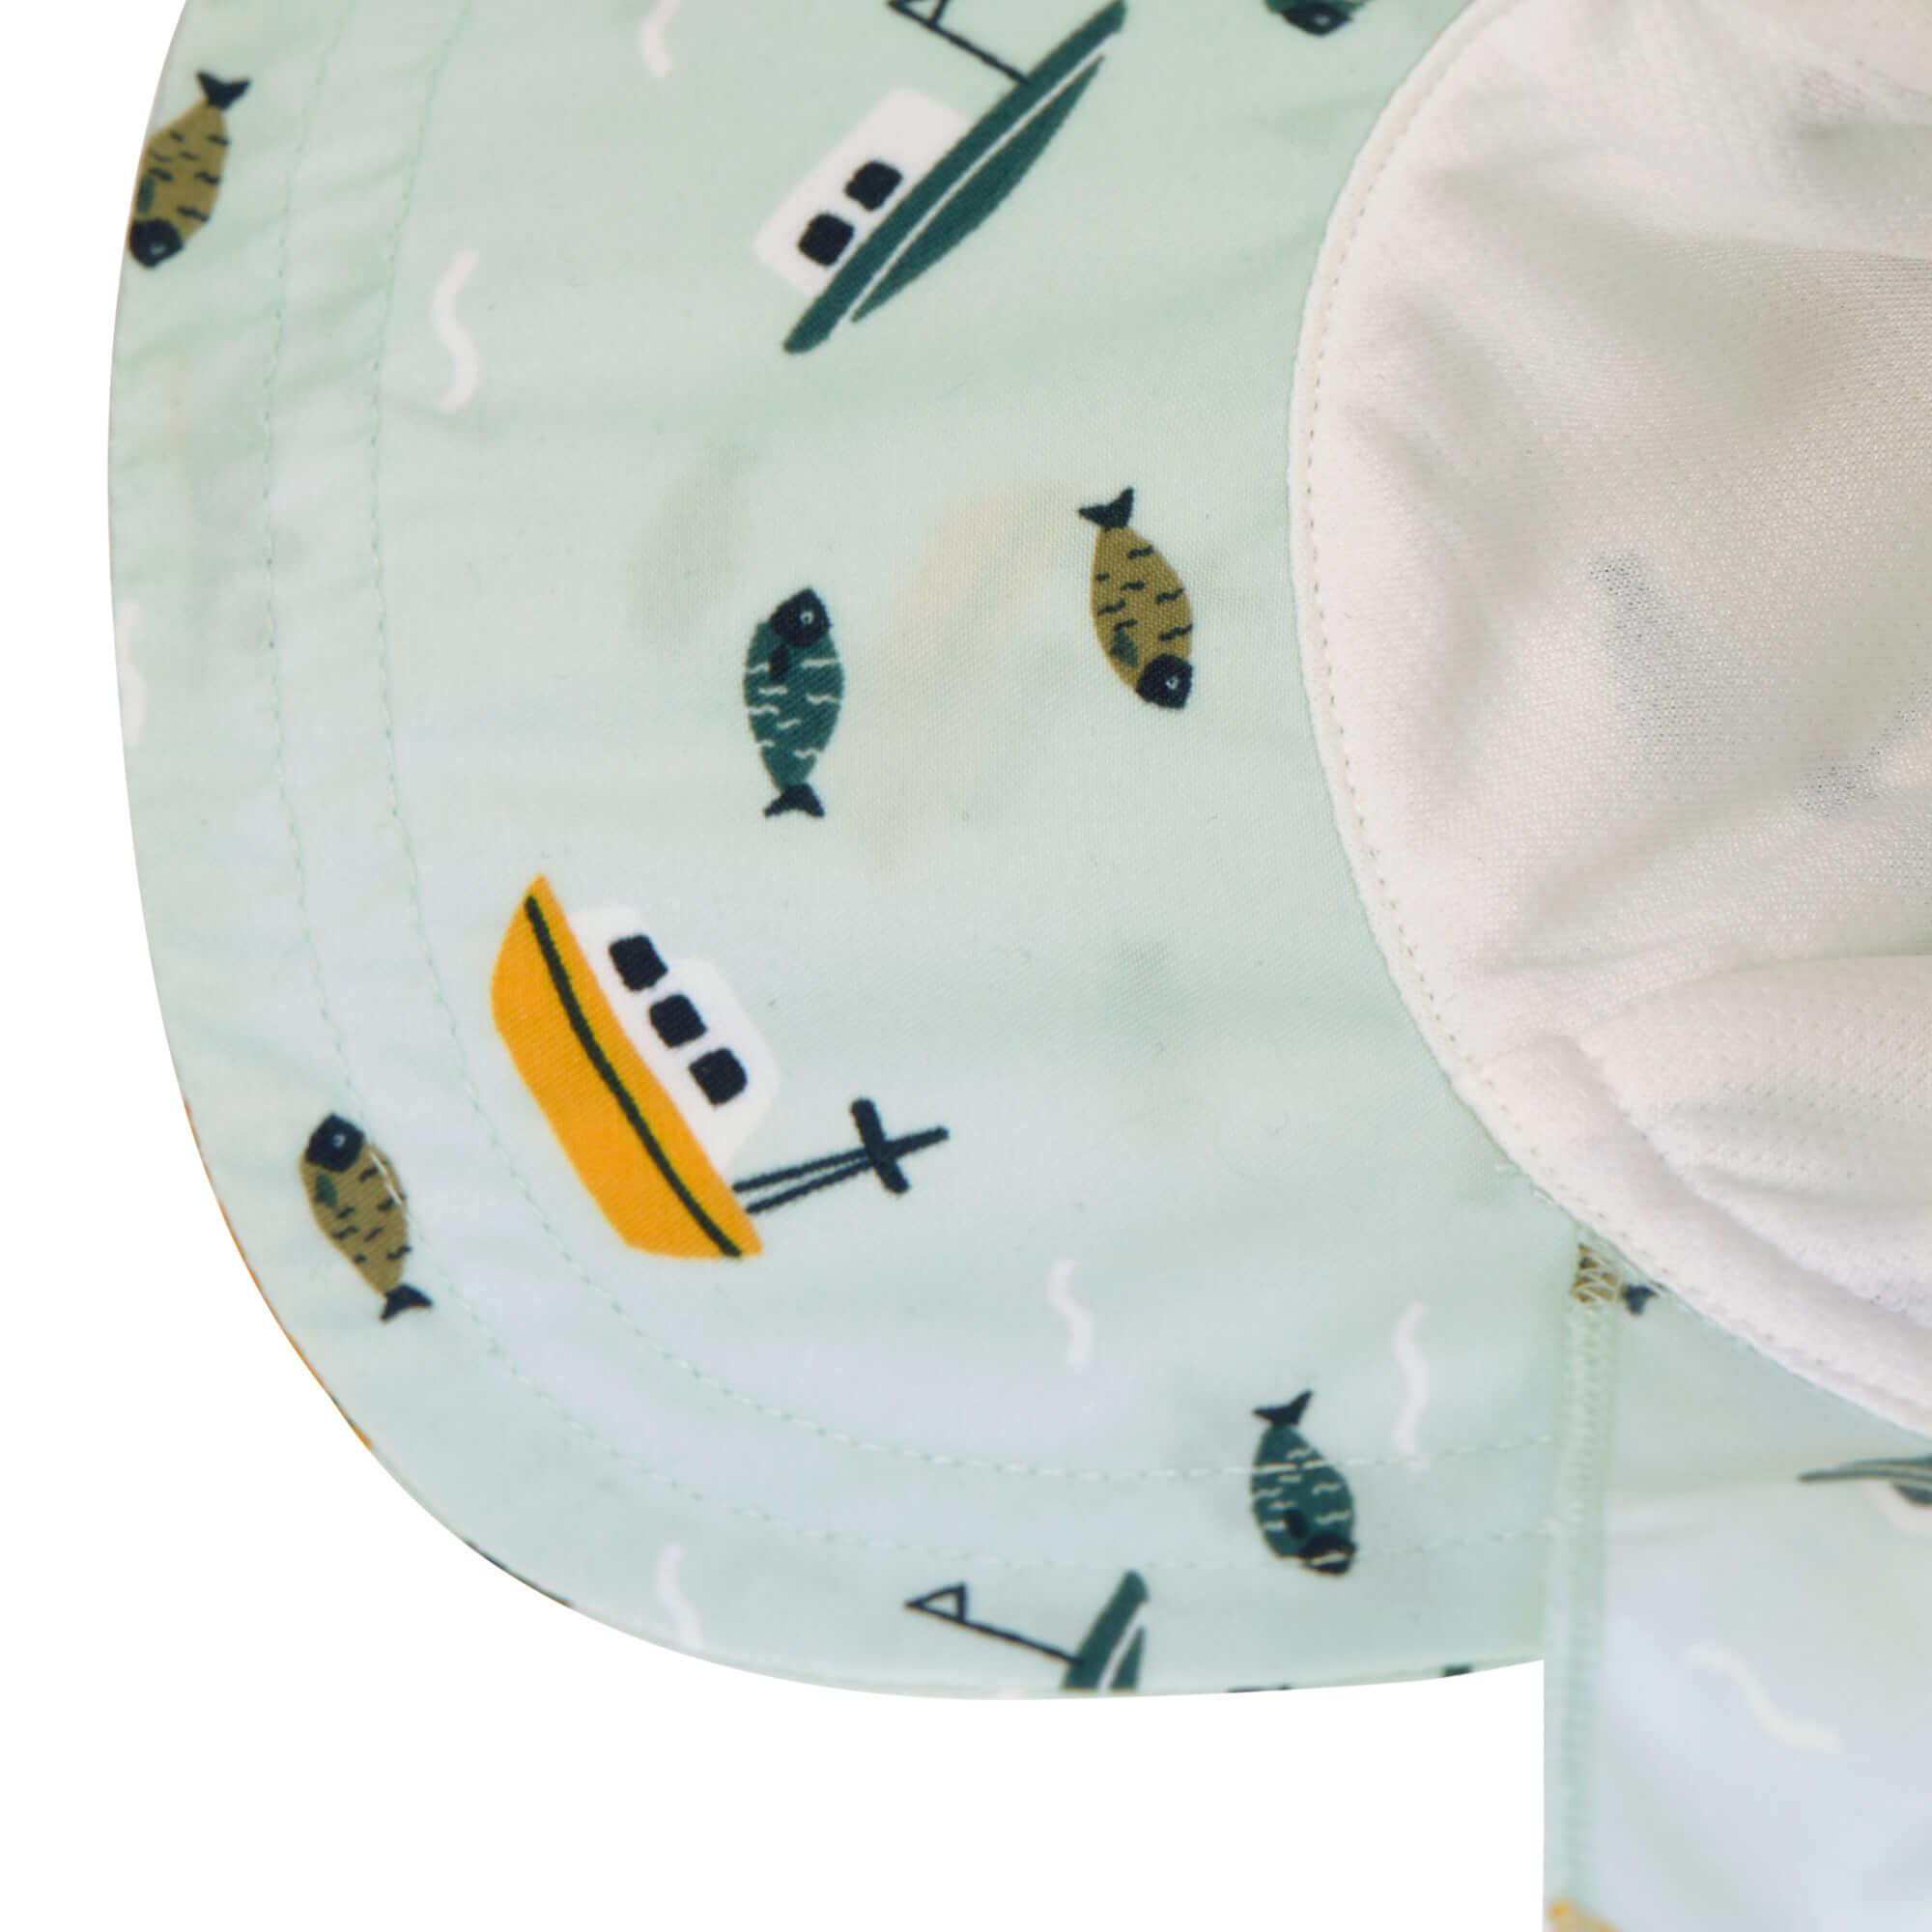 Lässig Lässig Splash & Fun Sun Protection Zonnehoed Flaphoed met UV bescherming - Boat mint 19-36 maanden, Maat: 50/51